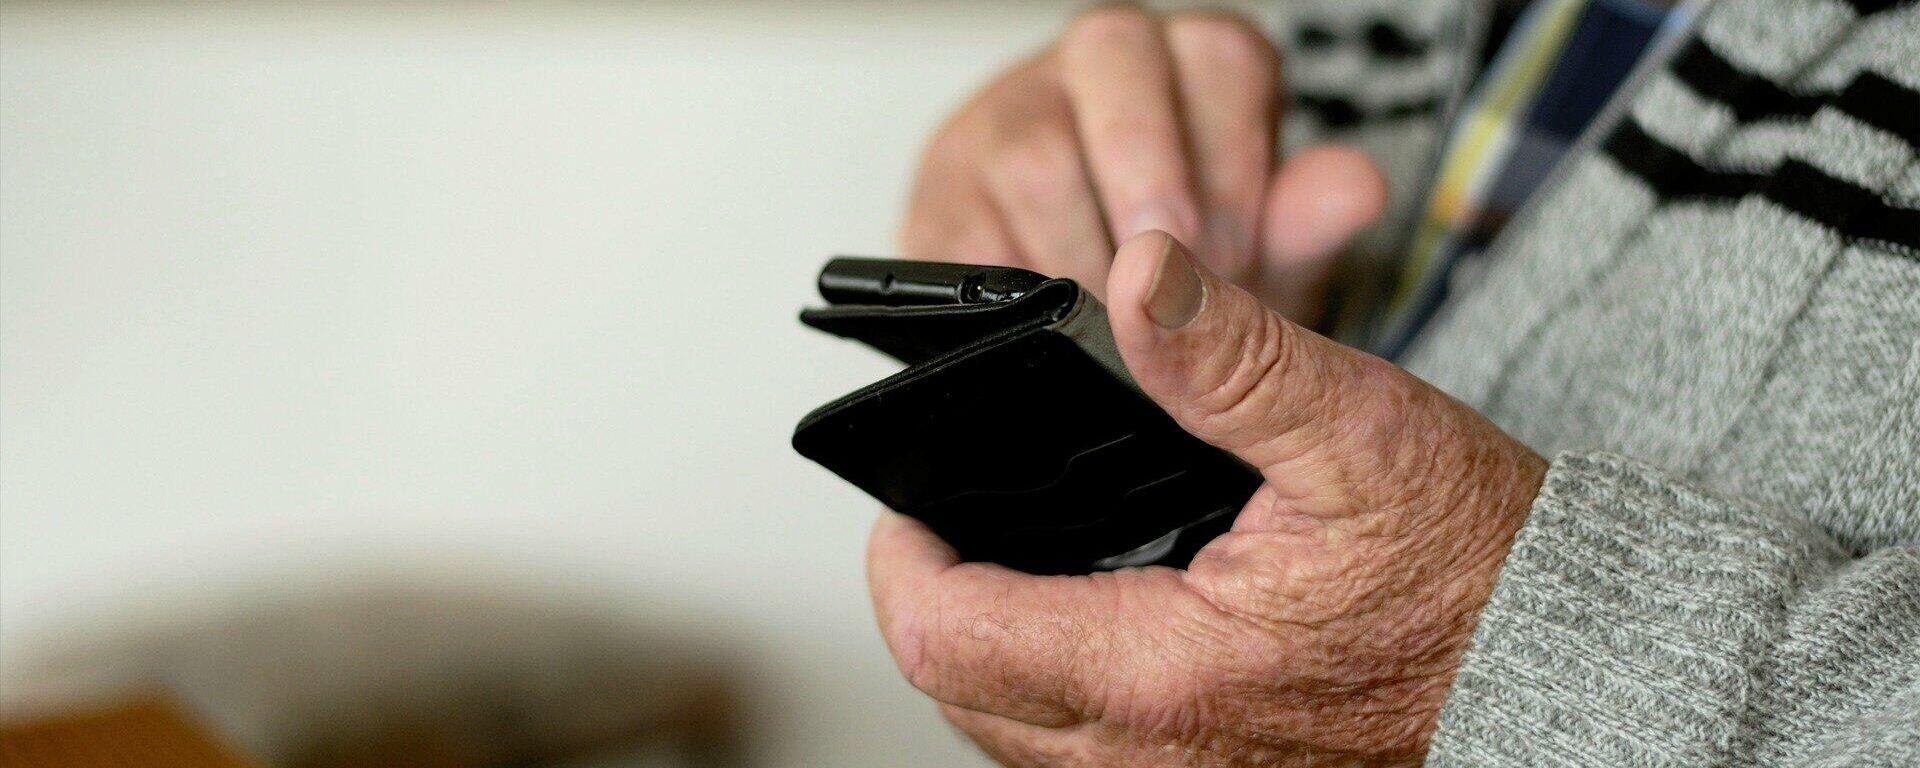 Smartphone (Symbolbild) - SNA, 1920, 28.07.2021